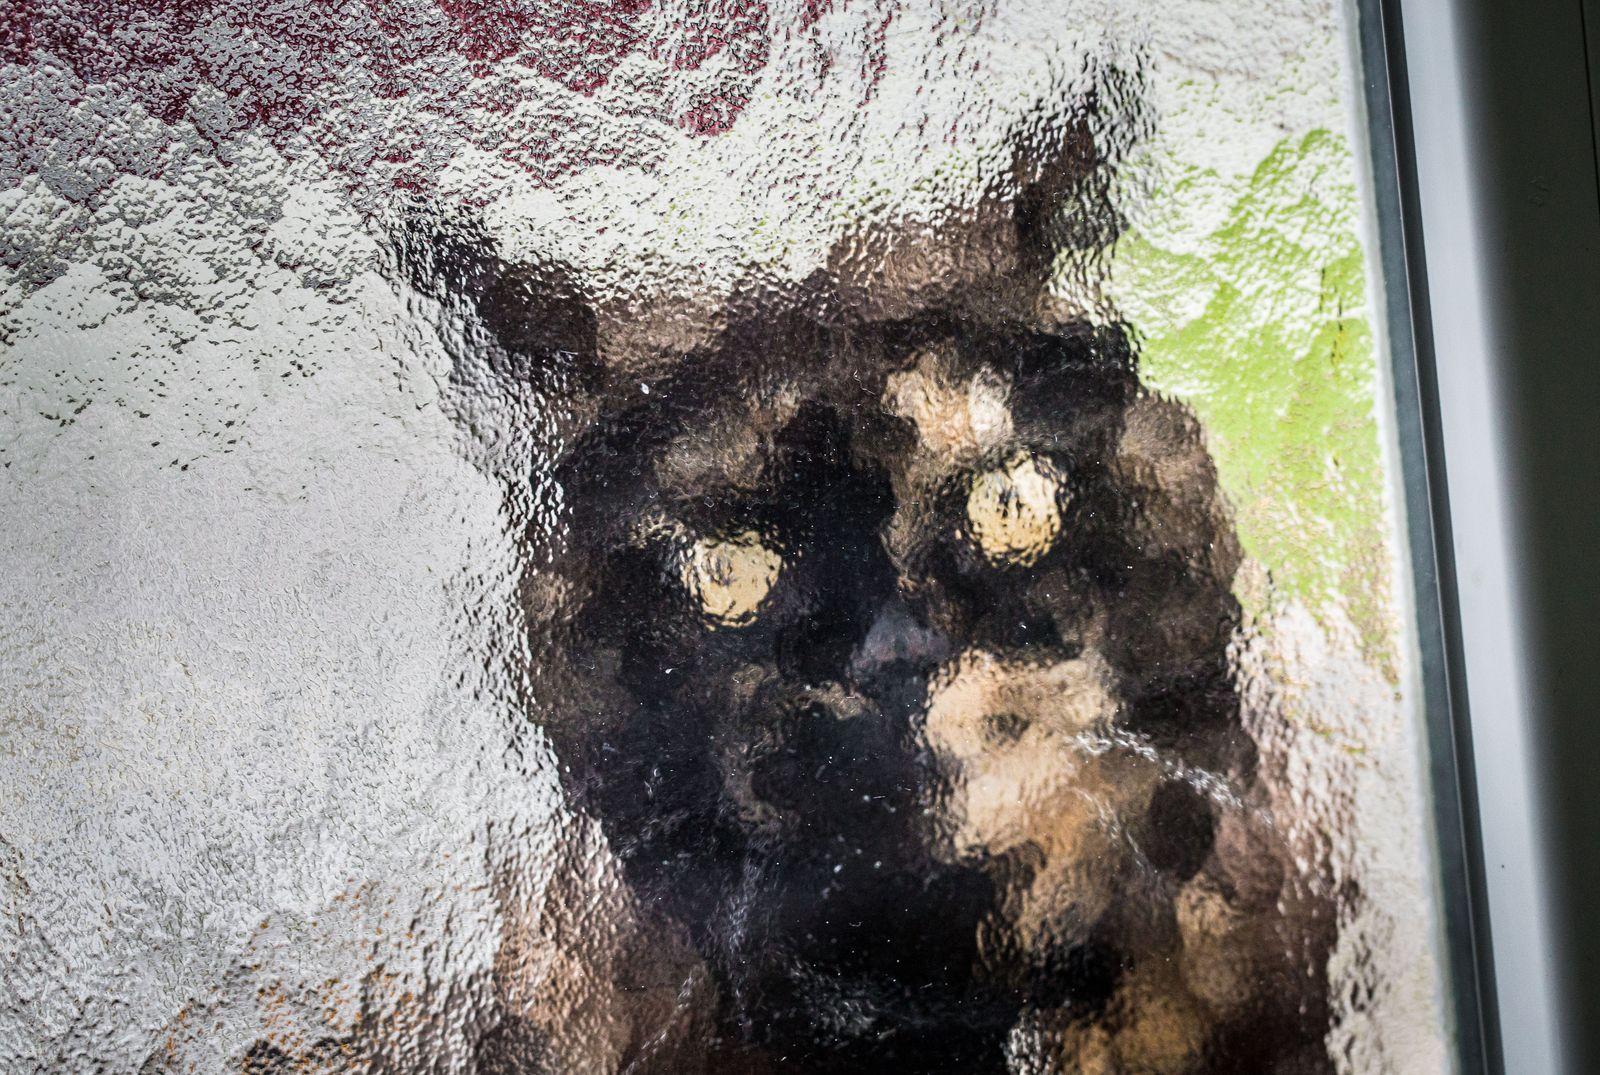 Regenwetter - Katze will ins Haus